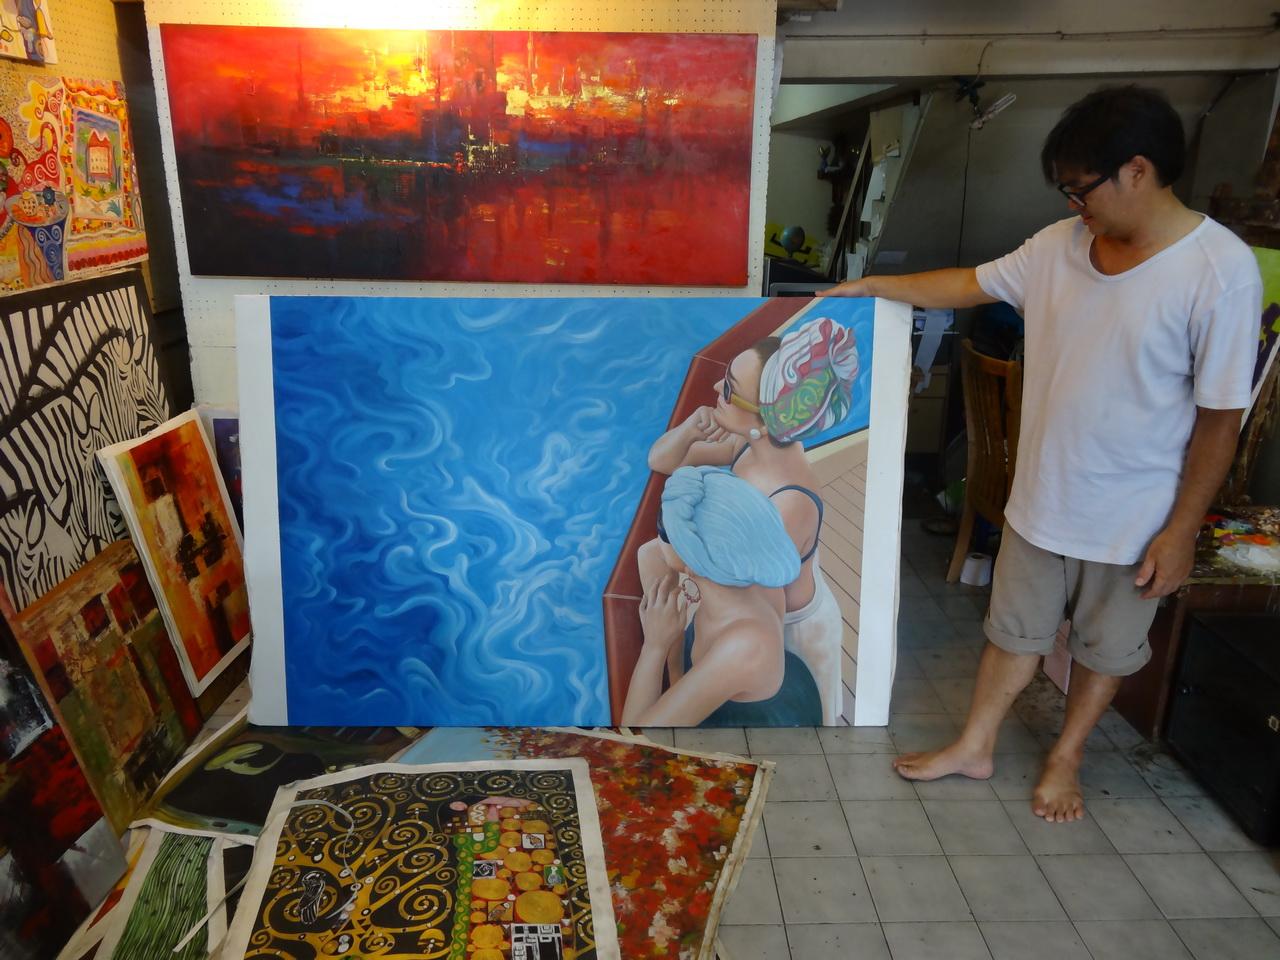 06 Maler Tom 07